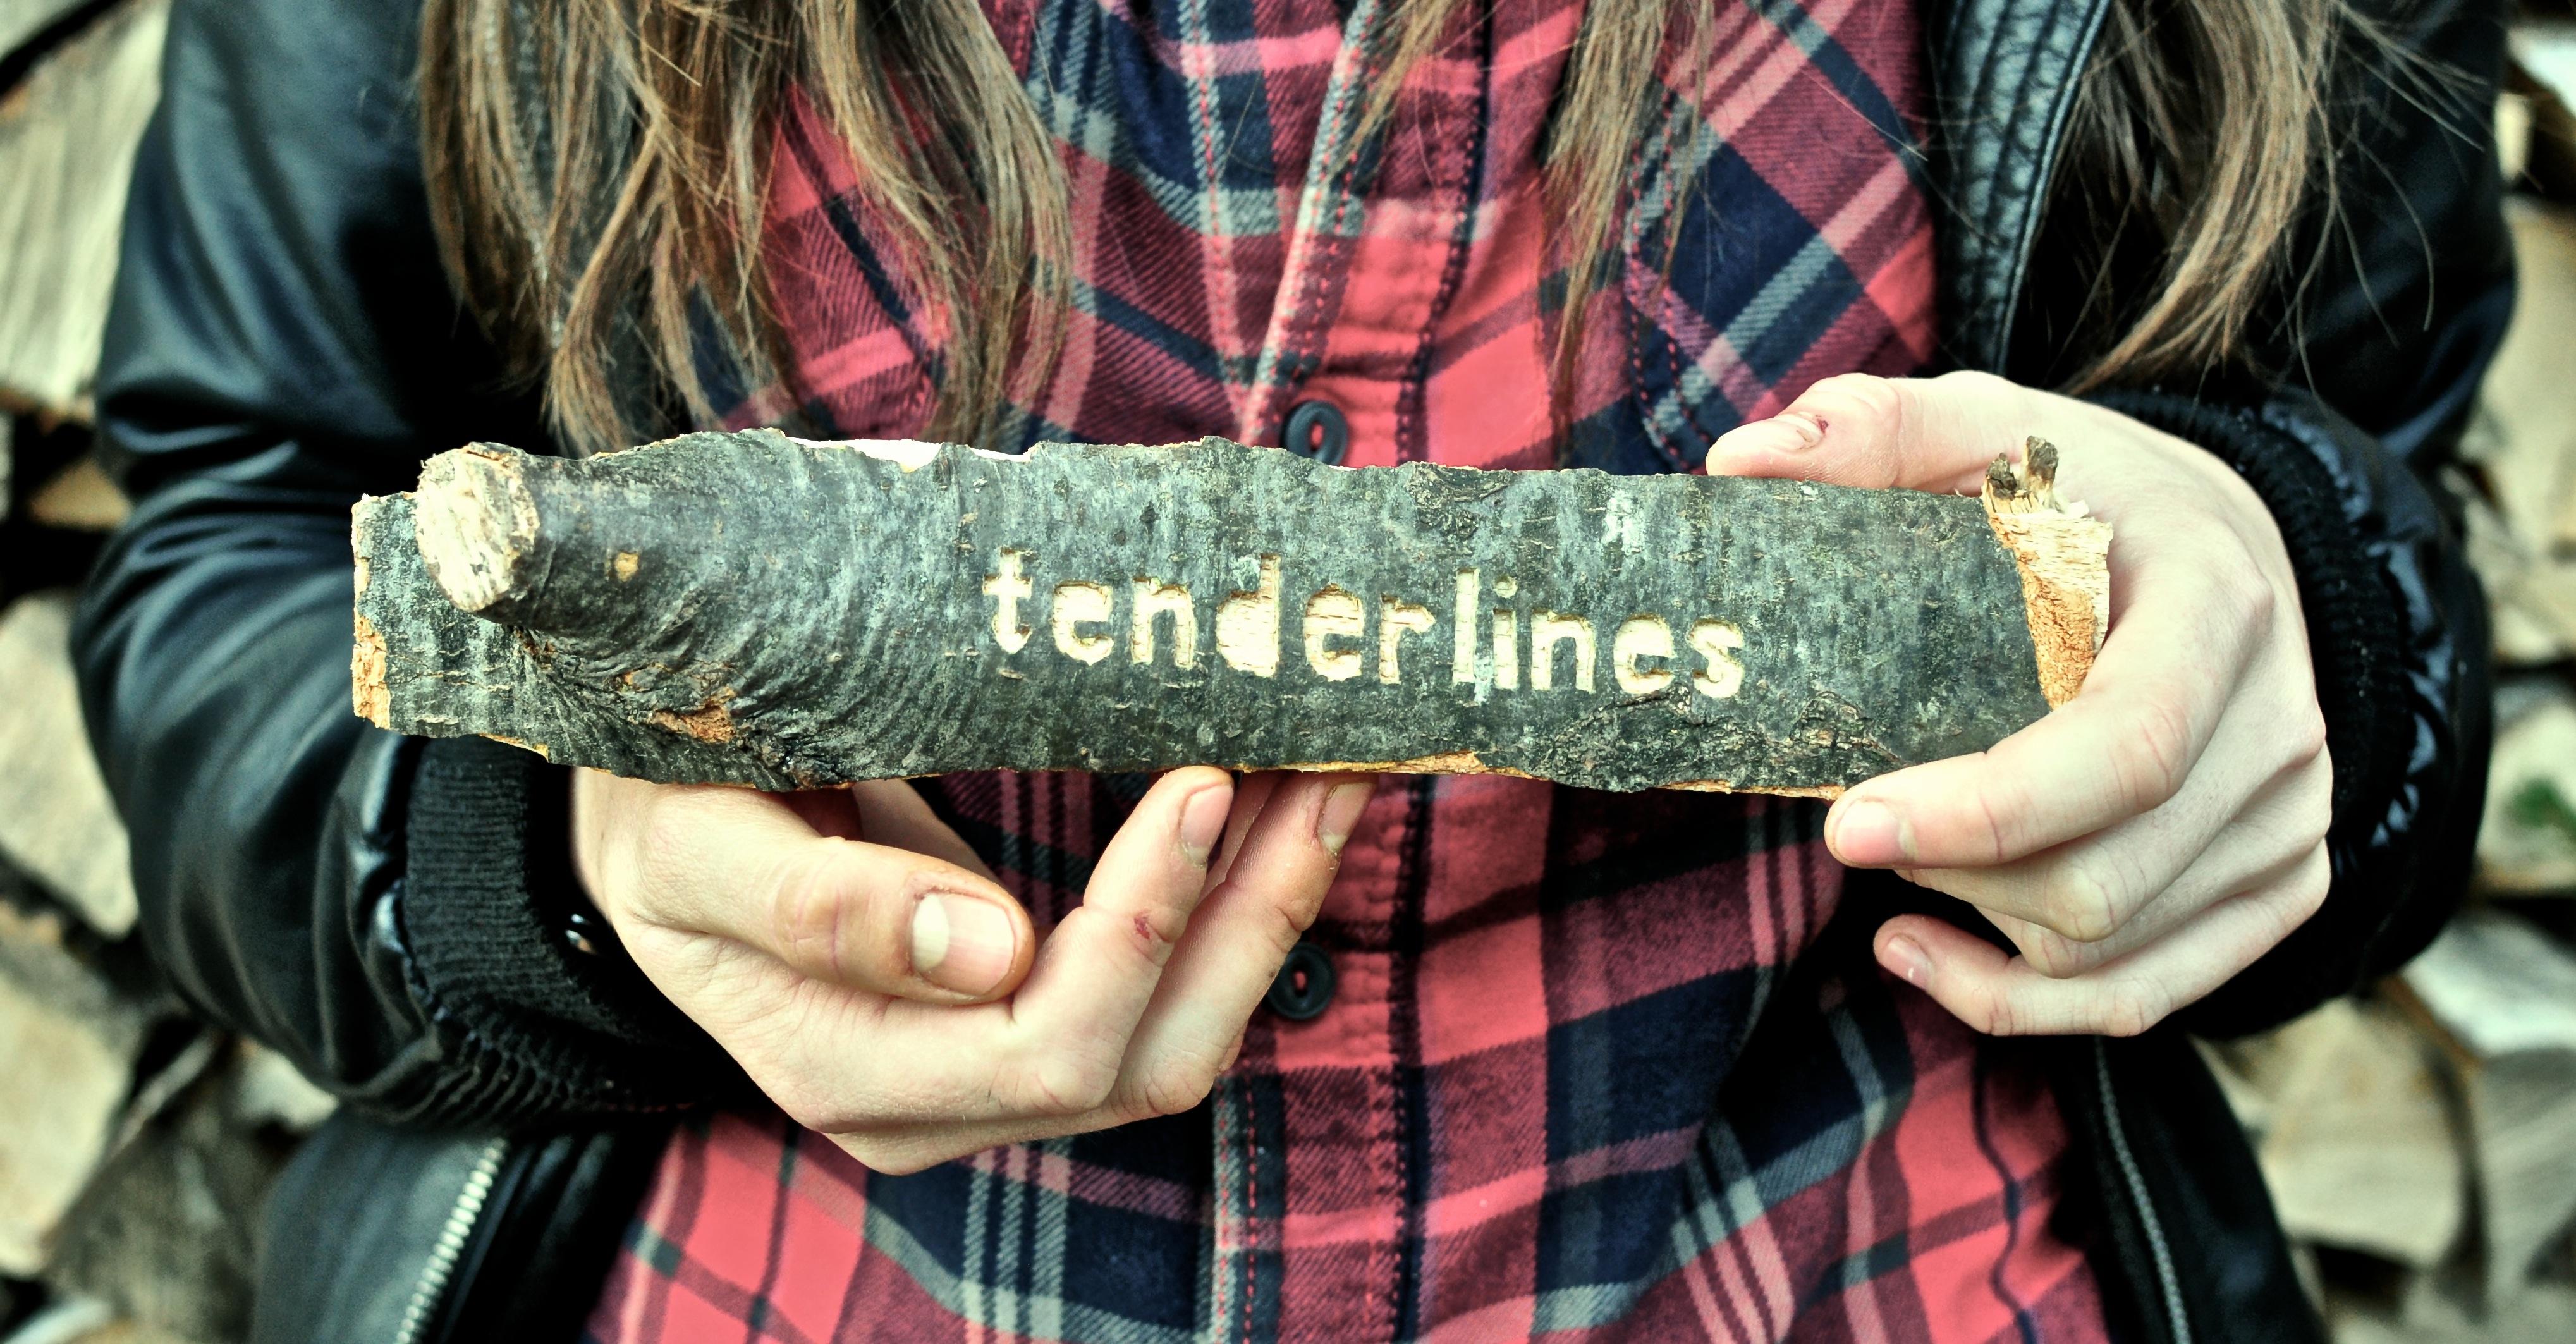 tender lines